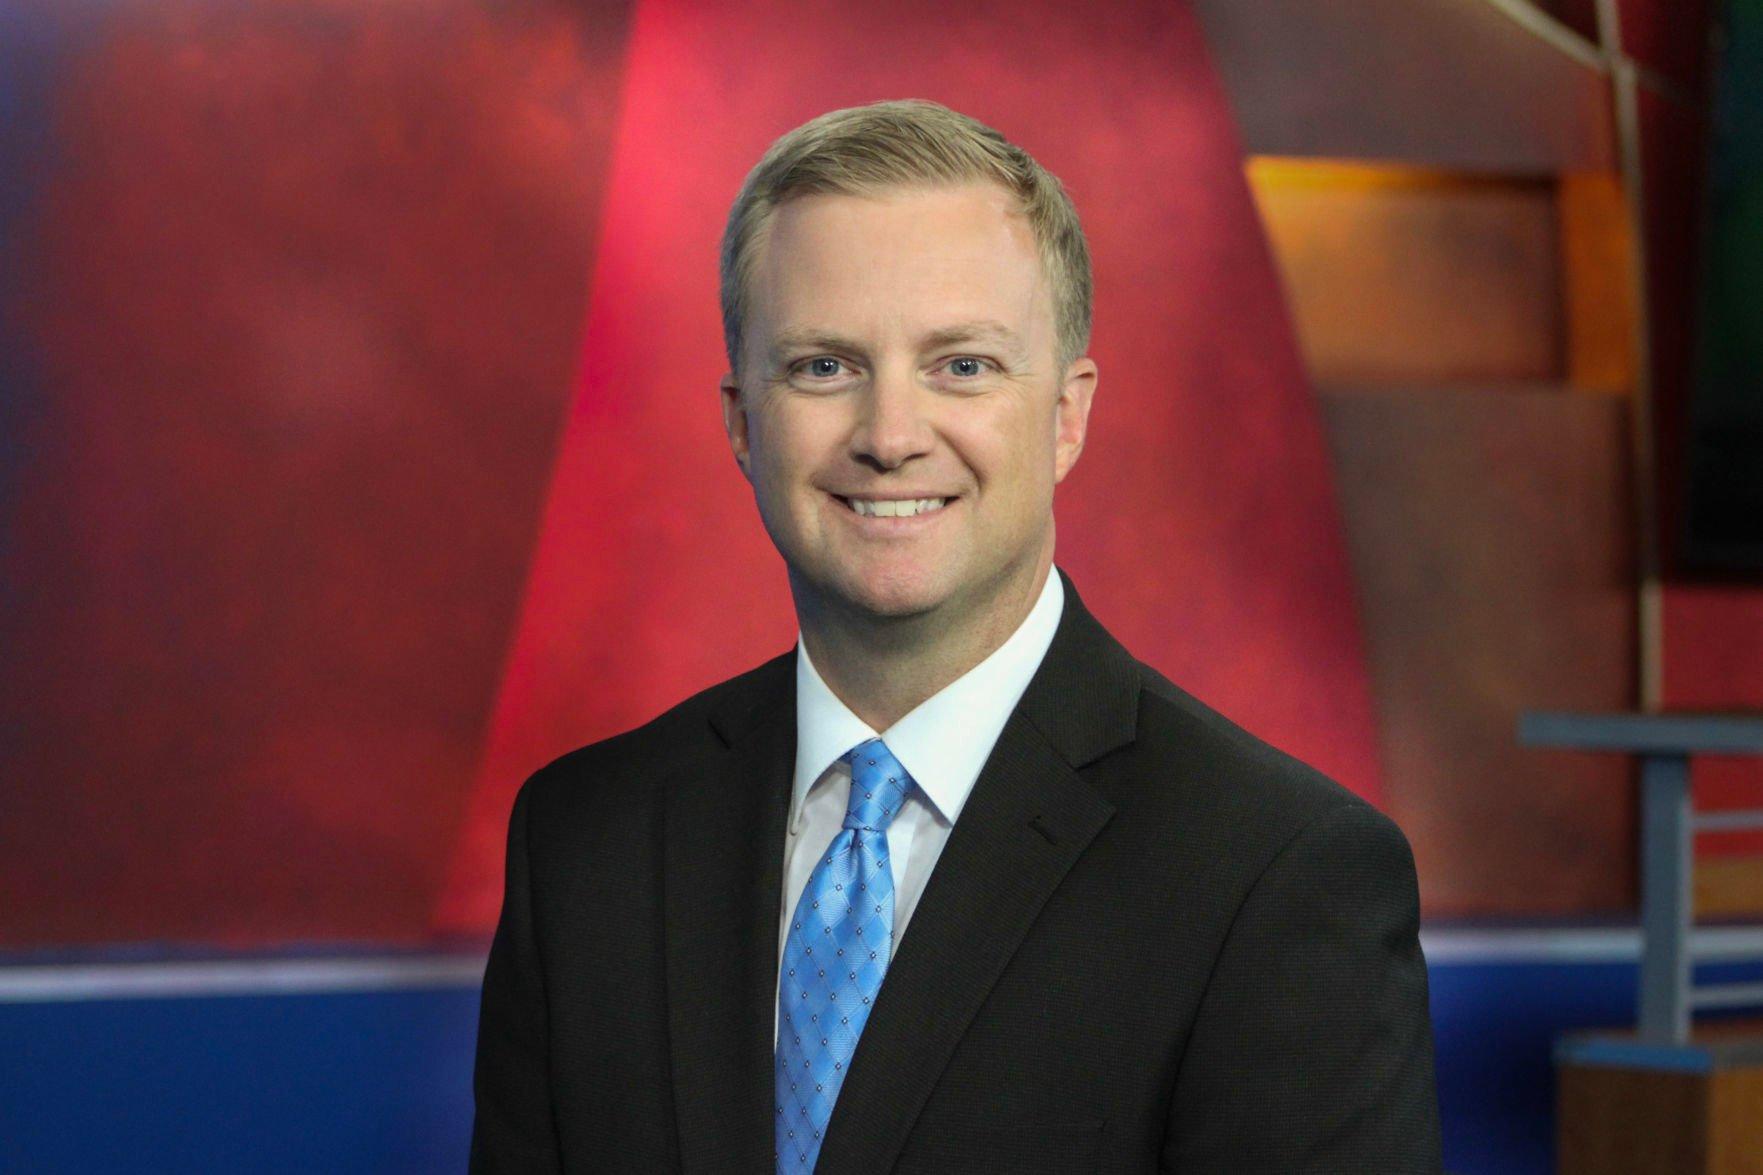 Trent Okerson